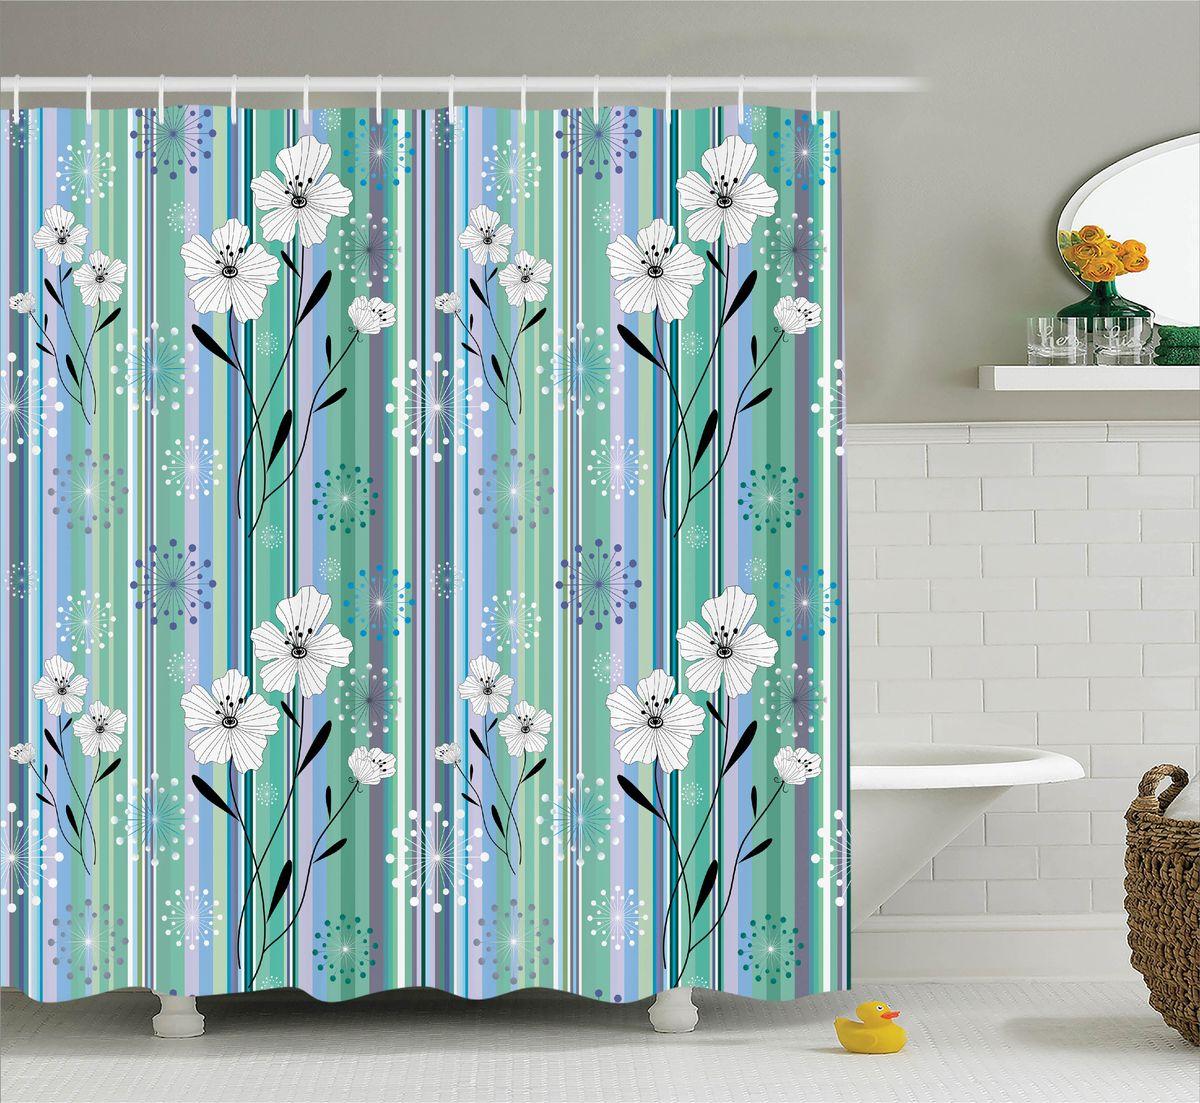 Штора для ванной комнаты Magic Lady Цветы и полоски, 180 х 200 см25051 7_зеленыйШтора Magic Lady Цветы и полоски, изготовленная из высококачественного сатена (полиэстер 100%), отлично дополнит любой интерьер ванной комнаты. При изготовлении используются специальные гипоаллергенные чернила для прямой печати по ткани, безопасные для человека.В комплекте: 1 штора, 12 крючков. Обращаем ваше внимание, фактический цвет изделия может незначительно отличаться от представленного на фото.